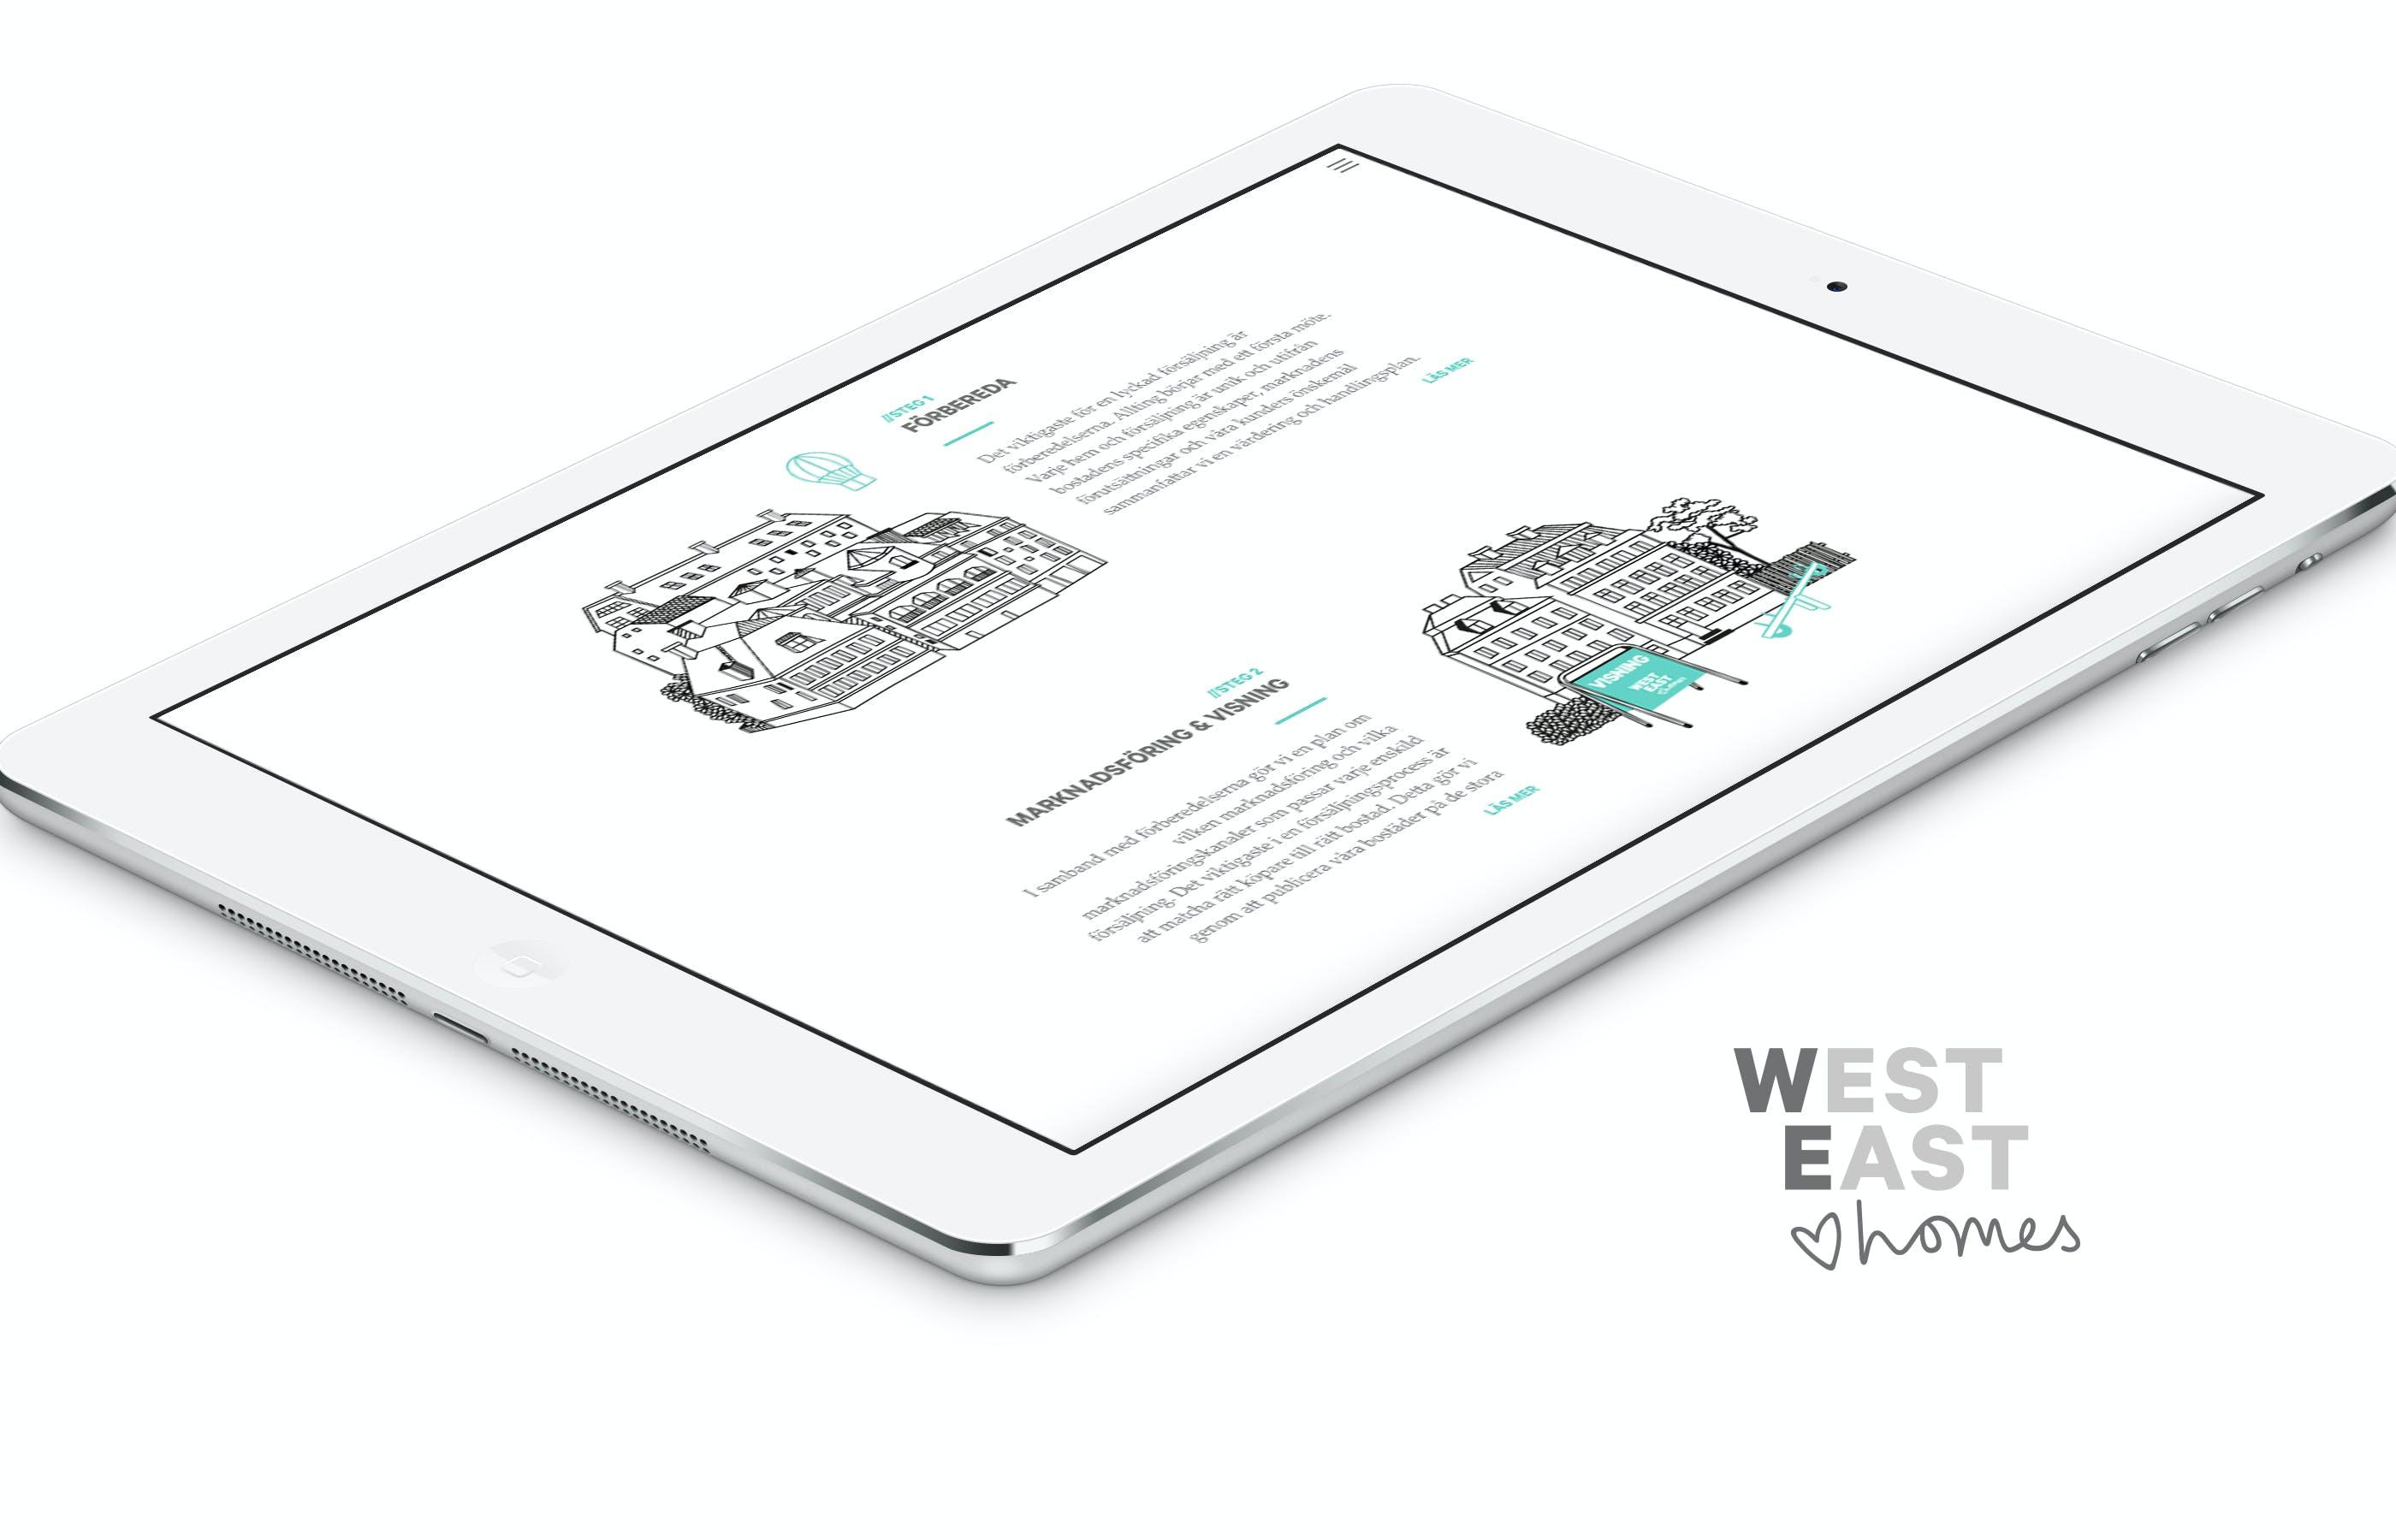 westeast-case-four-part-new